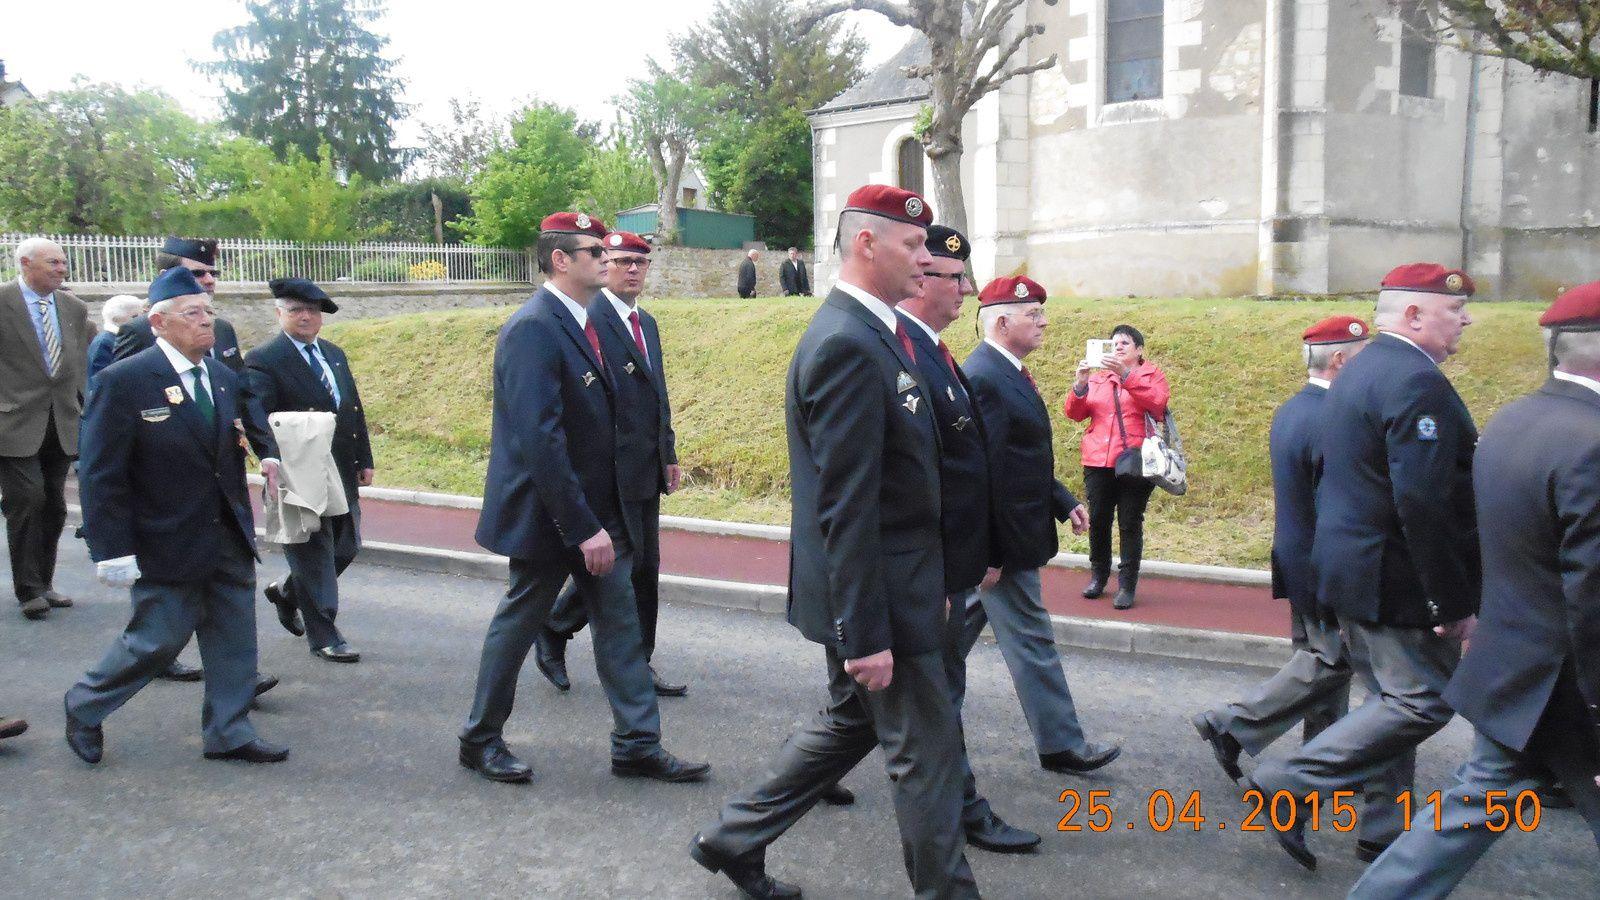 Photos de la Cérémonie du samedi 25 avril 2015 à Cussay